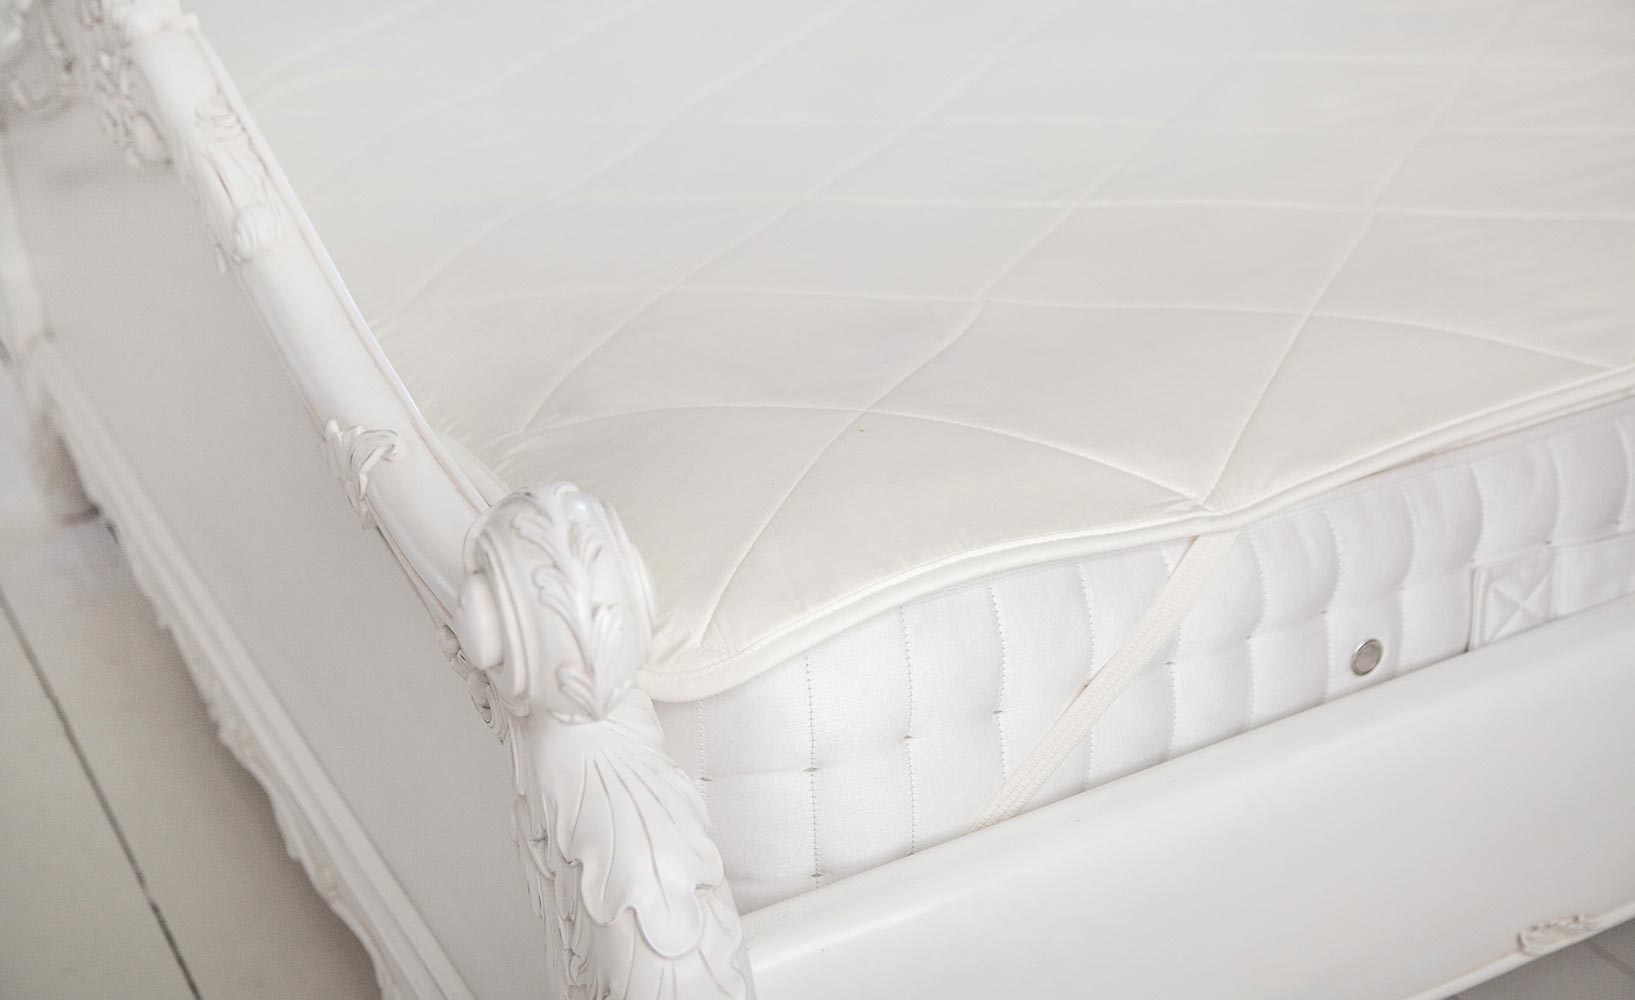 Matratzenauflagen für das Bett